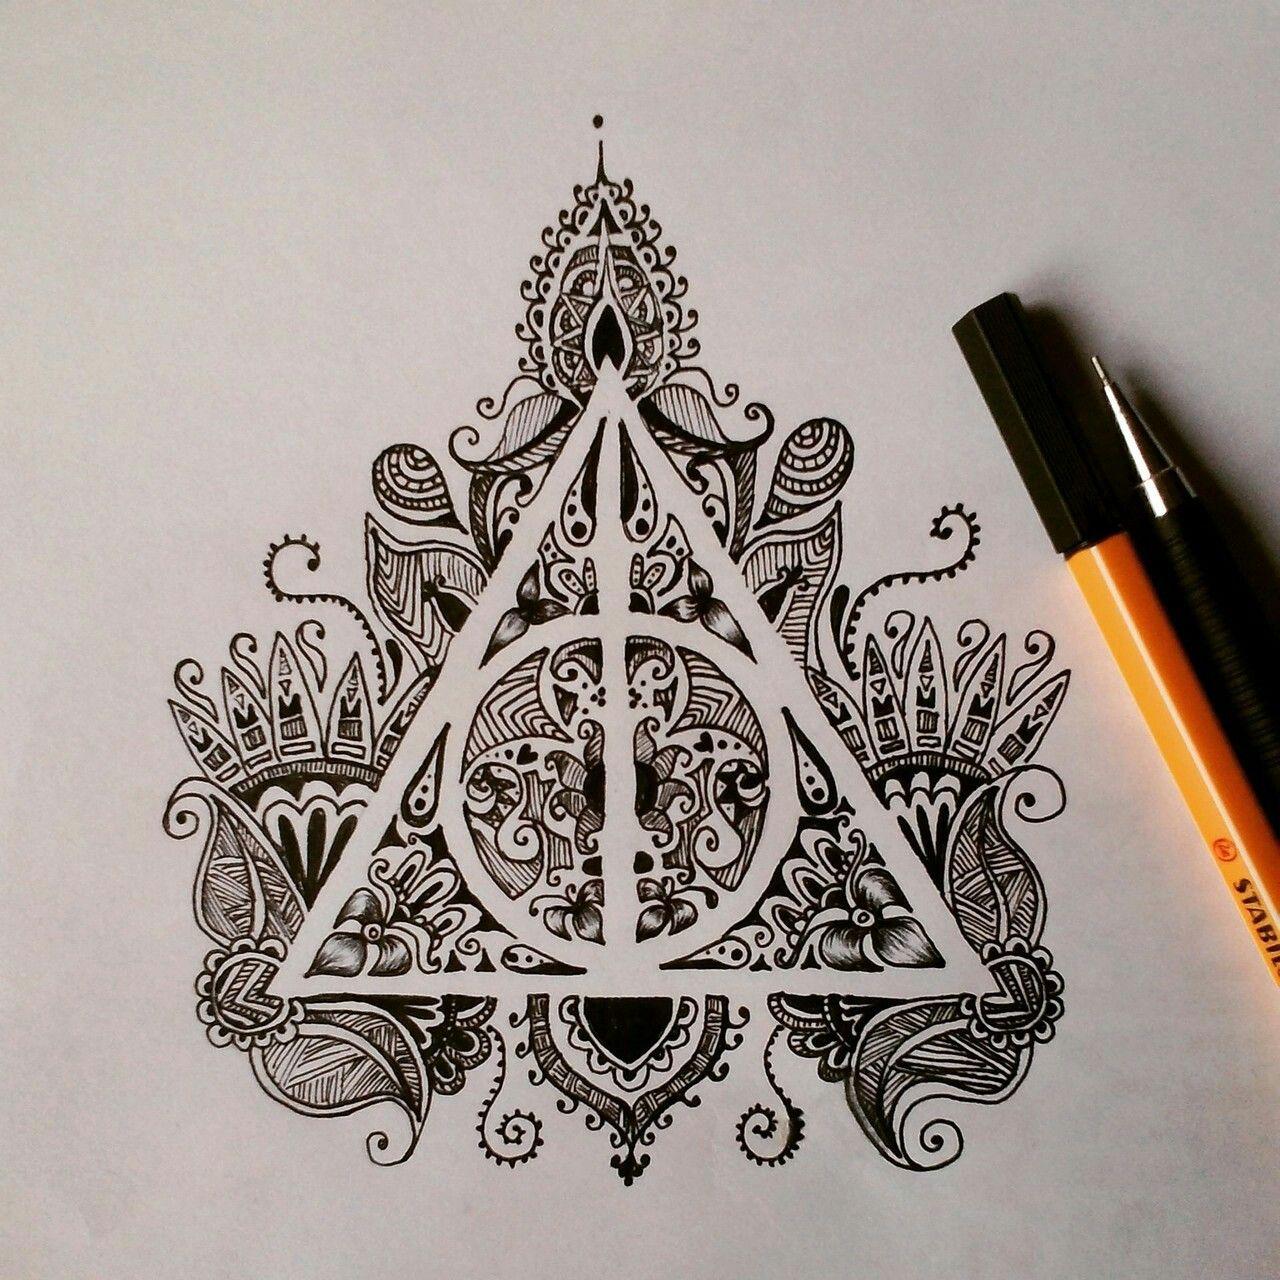 Simple Wallpaper Harry Potter Artsy - d26d733047285c5823b575bba54b4f23  Snapshot_525680.jpg